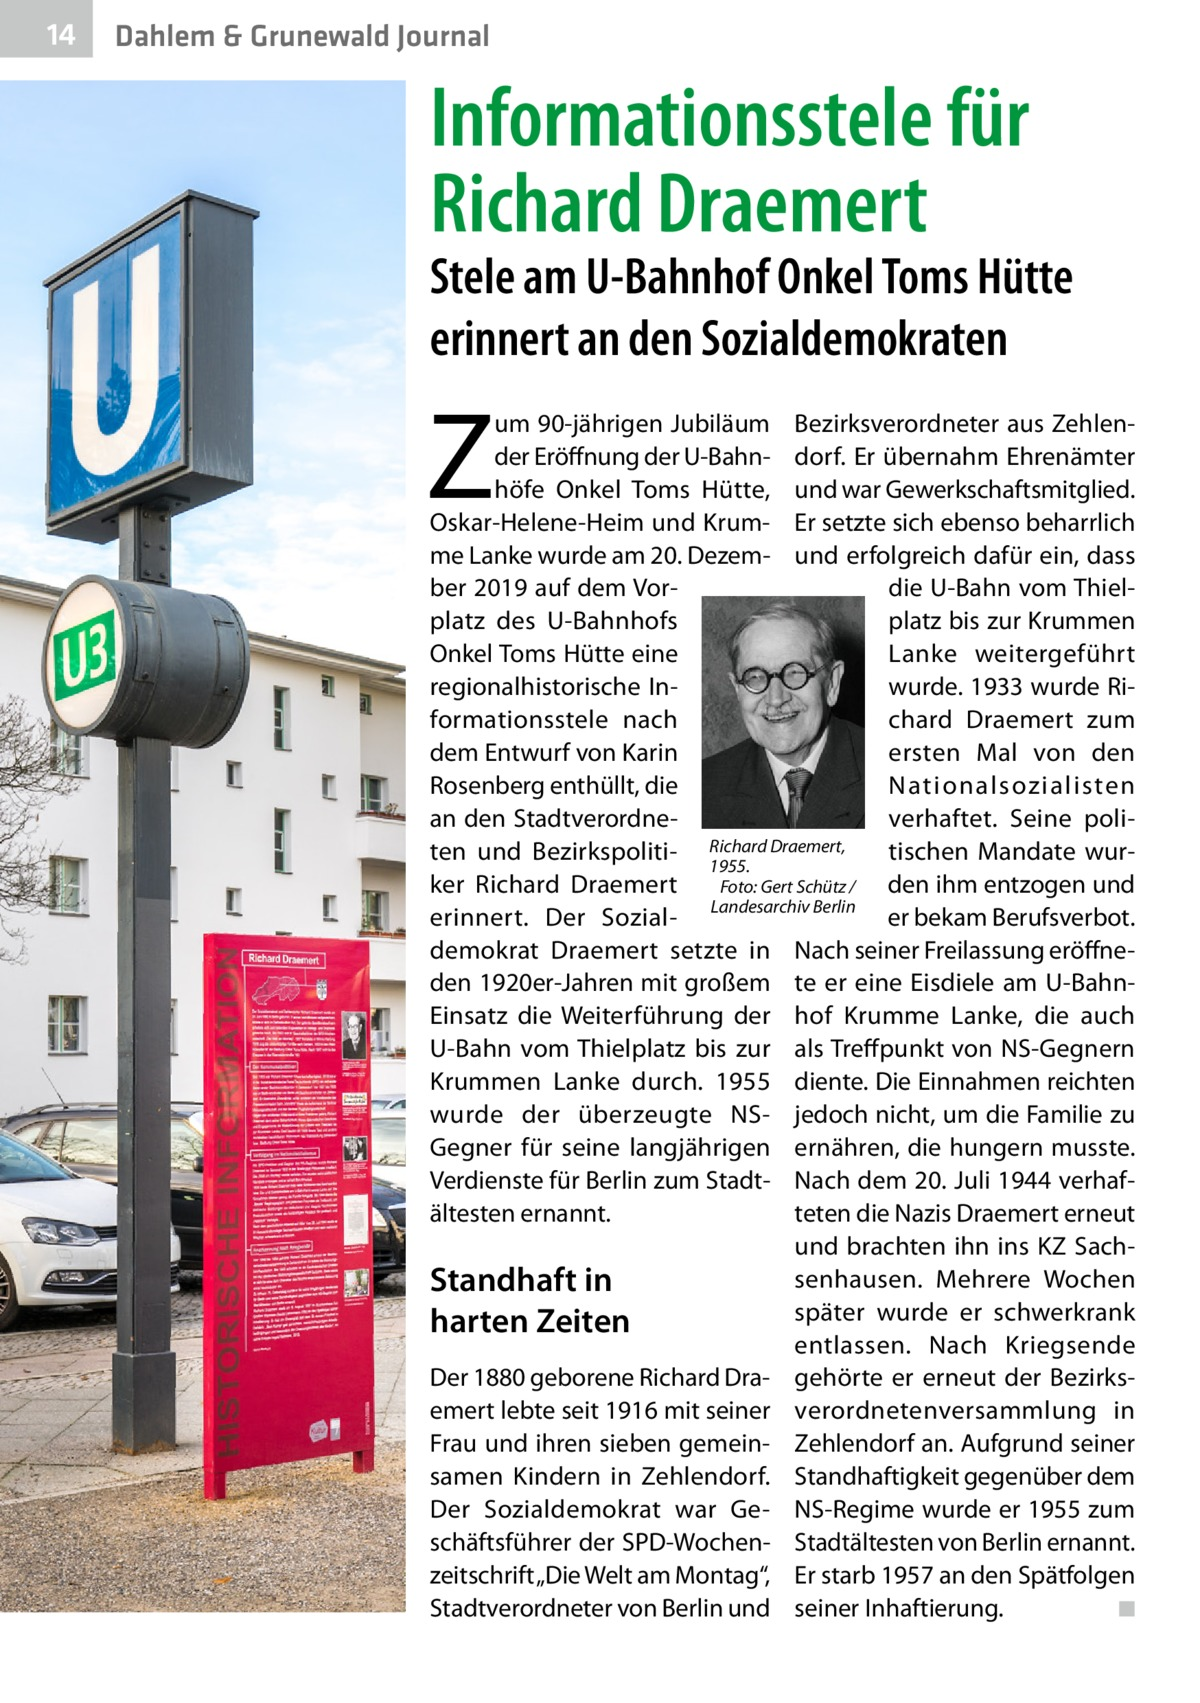 """14  Dahlem & Grunewald Journal  Informationsstele für Richard Draemert  Stele am U-Bahnhof Onkel Toms Hütte erinnert an den Sozialdemokraten  Z  um 90-jährigen Jubiläum Bezirksverordneter aus Zehlender Eröffnung der U-Bahn- dorf. Er übernahm Ehrenämter höfe Onkel Toms Hütte, und war Gewerkschaftsmitglied. Oskar-Helene-Heim und Krum- Er setzte sich ebenso beharrlich me Lanke wurde am 20.Dezem- und erfolgreich dafür ein, dass ber 2019 auf dem Vordie U-Bahn vom Thielplatz des U-Bahnhofs platz bis zur Krummen Onkel Toms Hütte eine Lanke weitergeführt regionalhistorische Inwurde. 1933 wurde Riformationsstele nach chard Draemert zum dem Entwurf von Karin ersten Mal von den Rosenberg enthüllt, die Nationalsozialisten an den Stadtverordneverhaftet. Seine poliDraemert, ten und Bezirkspoliti- Richard tischen Mandate wur1955. Foto: Gert Schütz / ker Richard Draemert den ihm entzogen und LandesarchivBerlin erinnert. Der Sozialer bekam Berufsverbot. demokrat Draemert setzte in Nach seiner Freilassung eröffneden 1920er-Jahren mit großem te er eine Eisdiele am U-BahnEinsatz die Weiterführung der hof Krumme Lanke, die auch U-Bahn vom Thielplatz bis zur als Treffpunkt von NS-Gegnern Krummen Lanke durch. 1955 diente. Die Einnahmen reichten wurde der überzeugte NS- jedoch nicht, um die Familie zu Gegner für seine langjährigen ernähren, die hungern musste. Verdienste für Berlin zum Stadt- Nach dem 20.Juli 1944 verhafteten die Nazis Draemert erneut ältesten ernannt. und brachten ihn ins KZSachsenhausen. Mehrere Wochen Standhaft in später wurde er schwerkrank harten Zeiten entlassen. Nach Kriegsende Der 1880 geborene Richard Dra- gehörte er erneut der Bezirksemert lebte seit 1916 mit seiner verordnetenversammlung in Frau und ihren sieben gemein- Zehlendorf an. Aufgrund seiner samen Kindern in Zehlendorf. Standhaftigkeit gegenüber dem Der Sozialdemokrat war Ge- NS-Regime wurde er 1955 zum schäftsführer der SPD-Wochen- Stadtältesten von Berlin ernannt. zeitschrift """"Die Welt am Montag"""", Er """